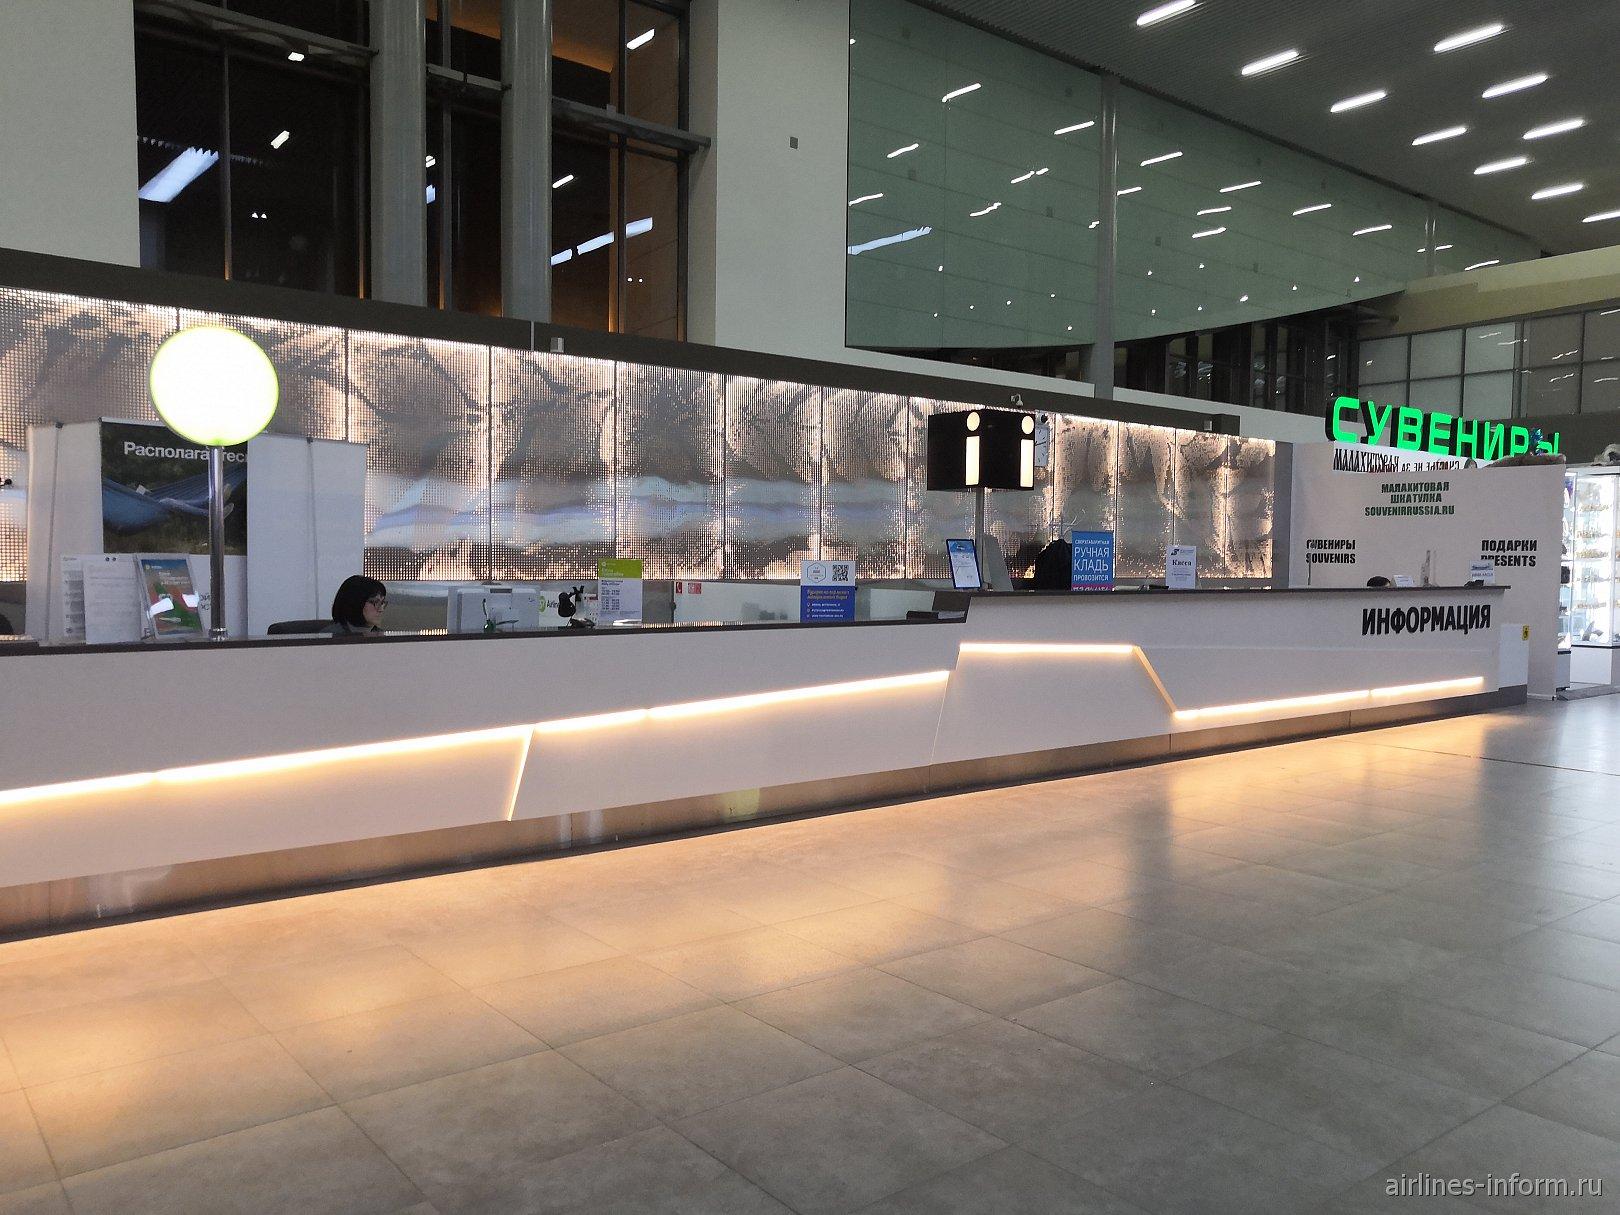 Стойка информации в аэропорту Пермь Большое Савино